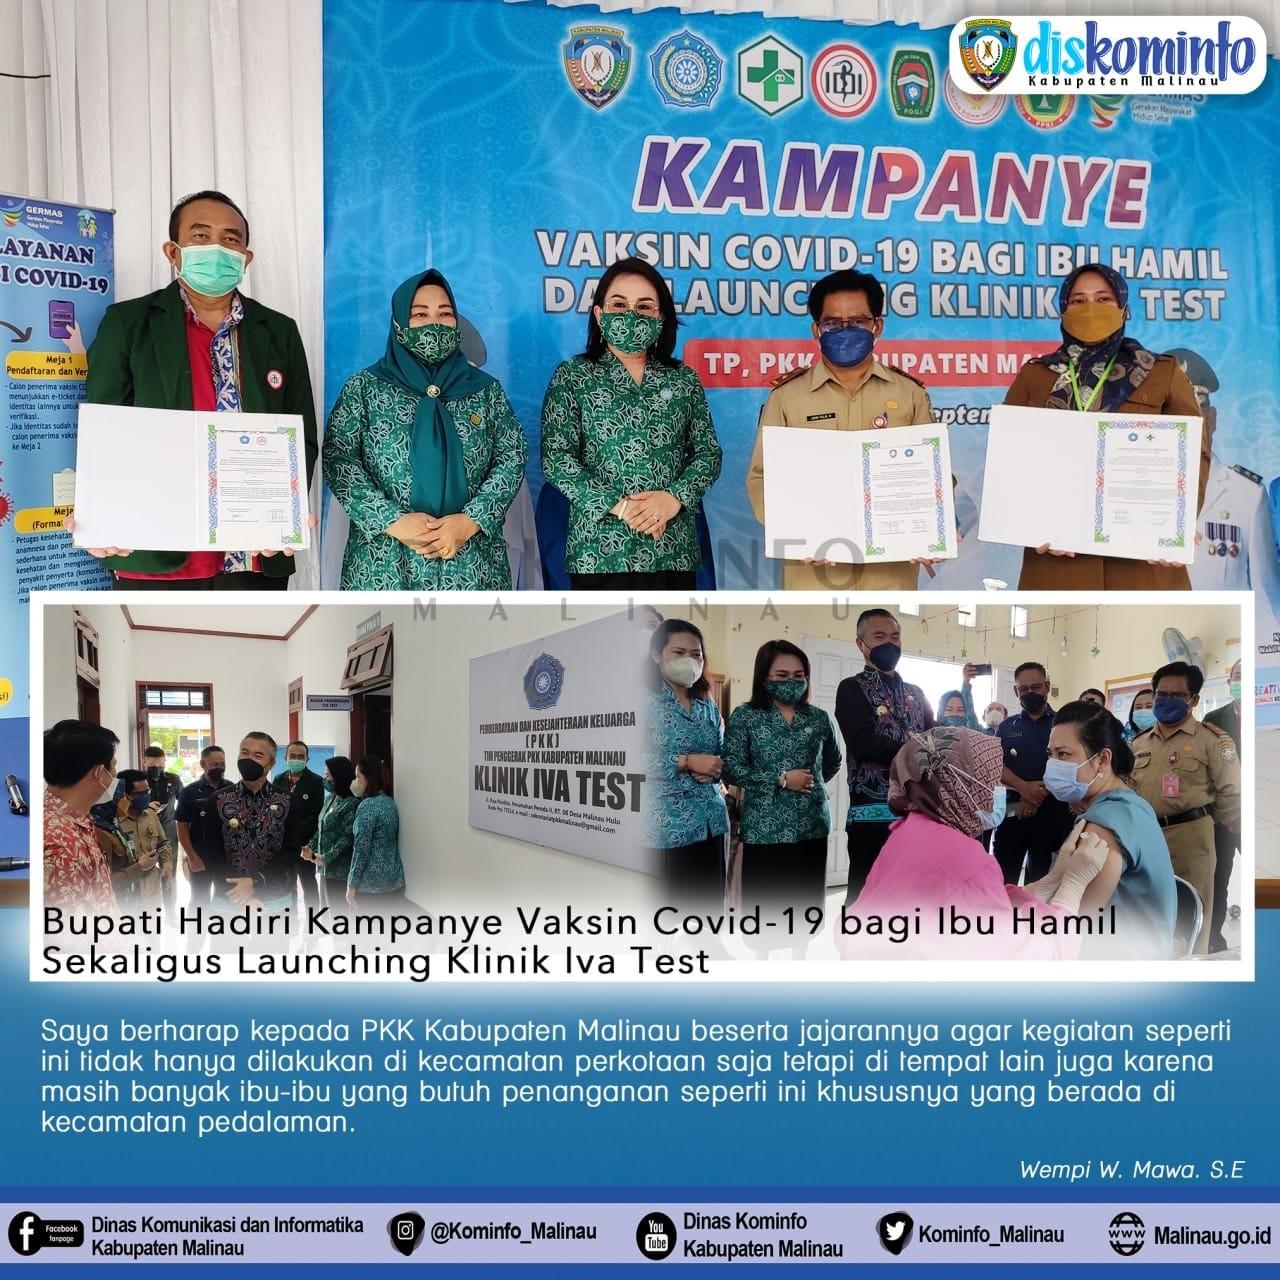 Bupati Malinau Hadiri Kampanye Vaksin Covid-19 bagi Ibu Hamil dan Launching Klinik Iva Test